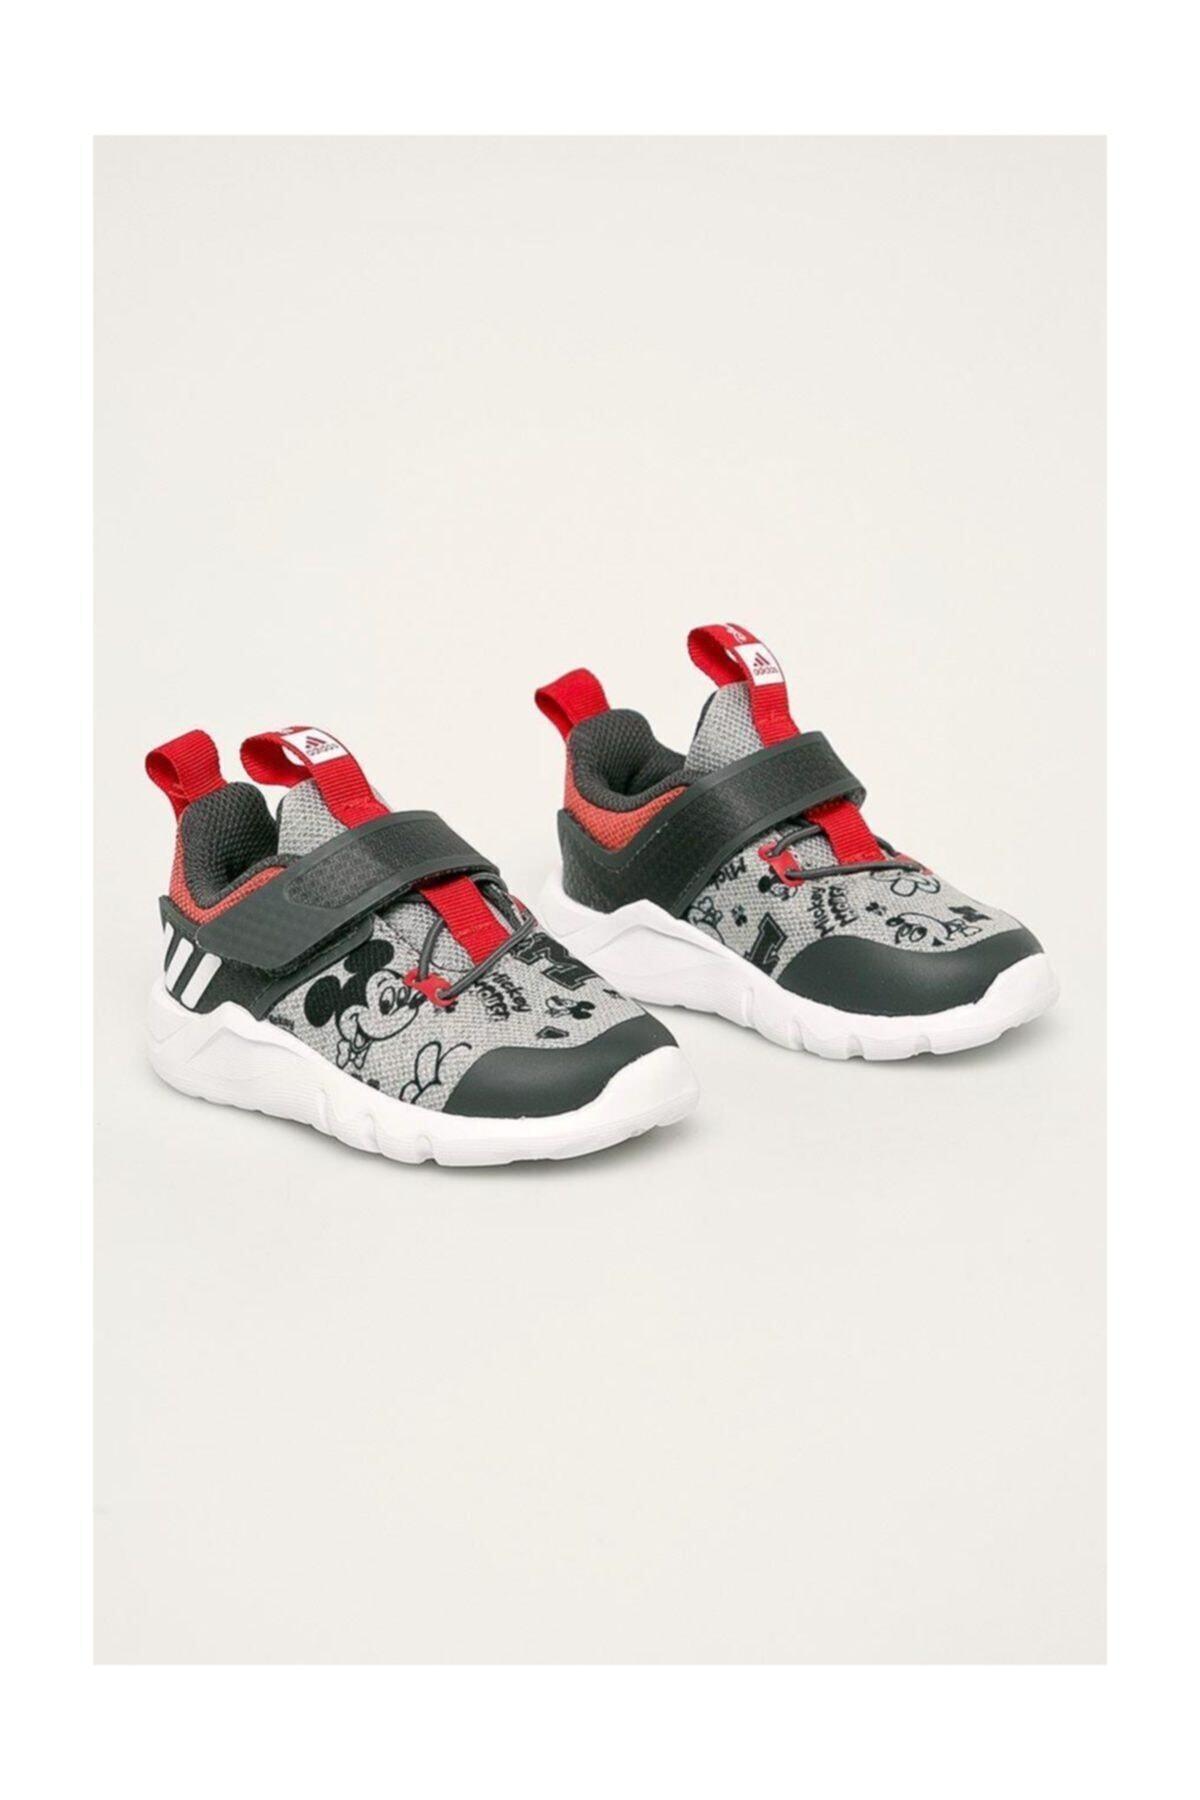 adidas Ef9730 Rapidaflex Mickey Bebek Yürüyüş Ayakkabı 1